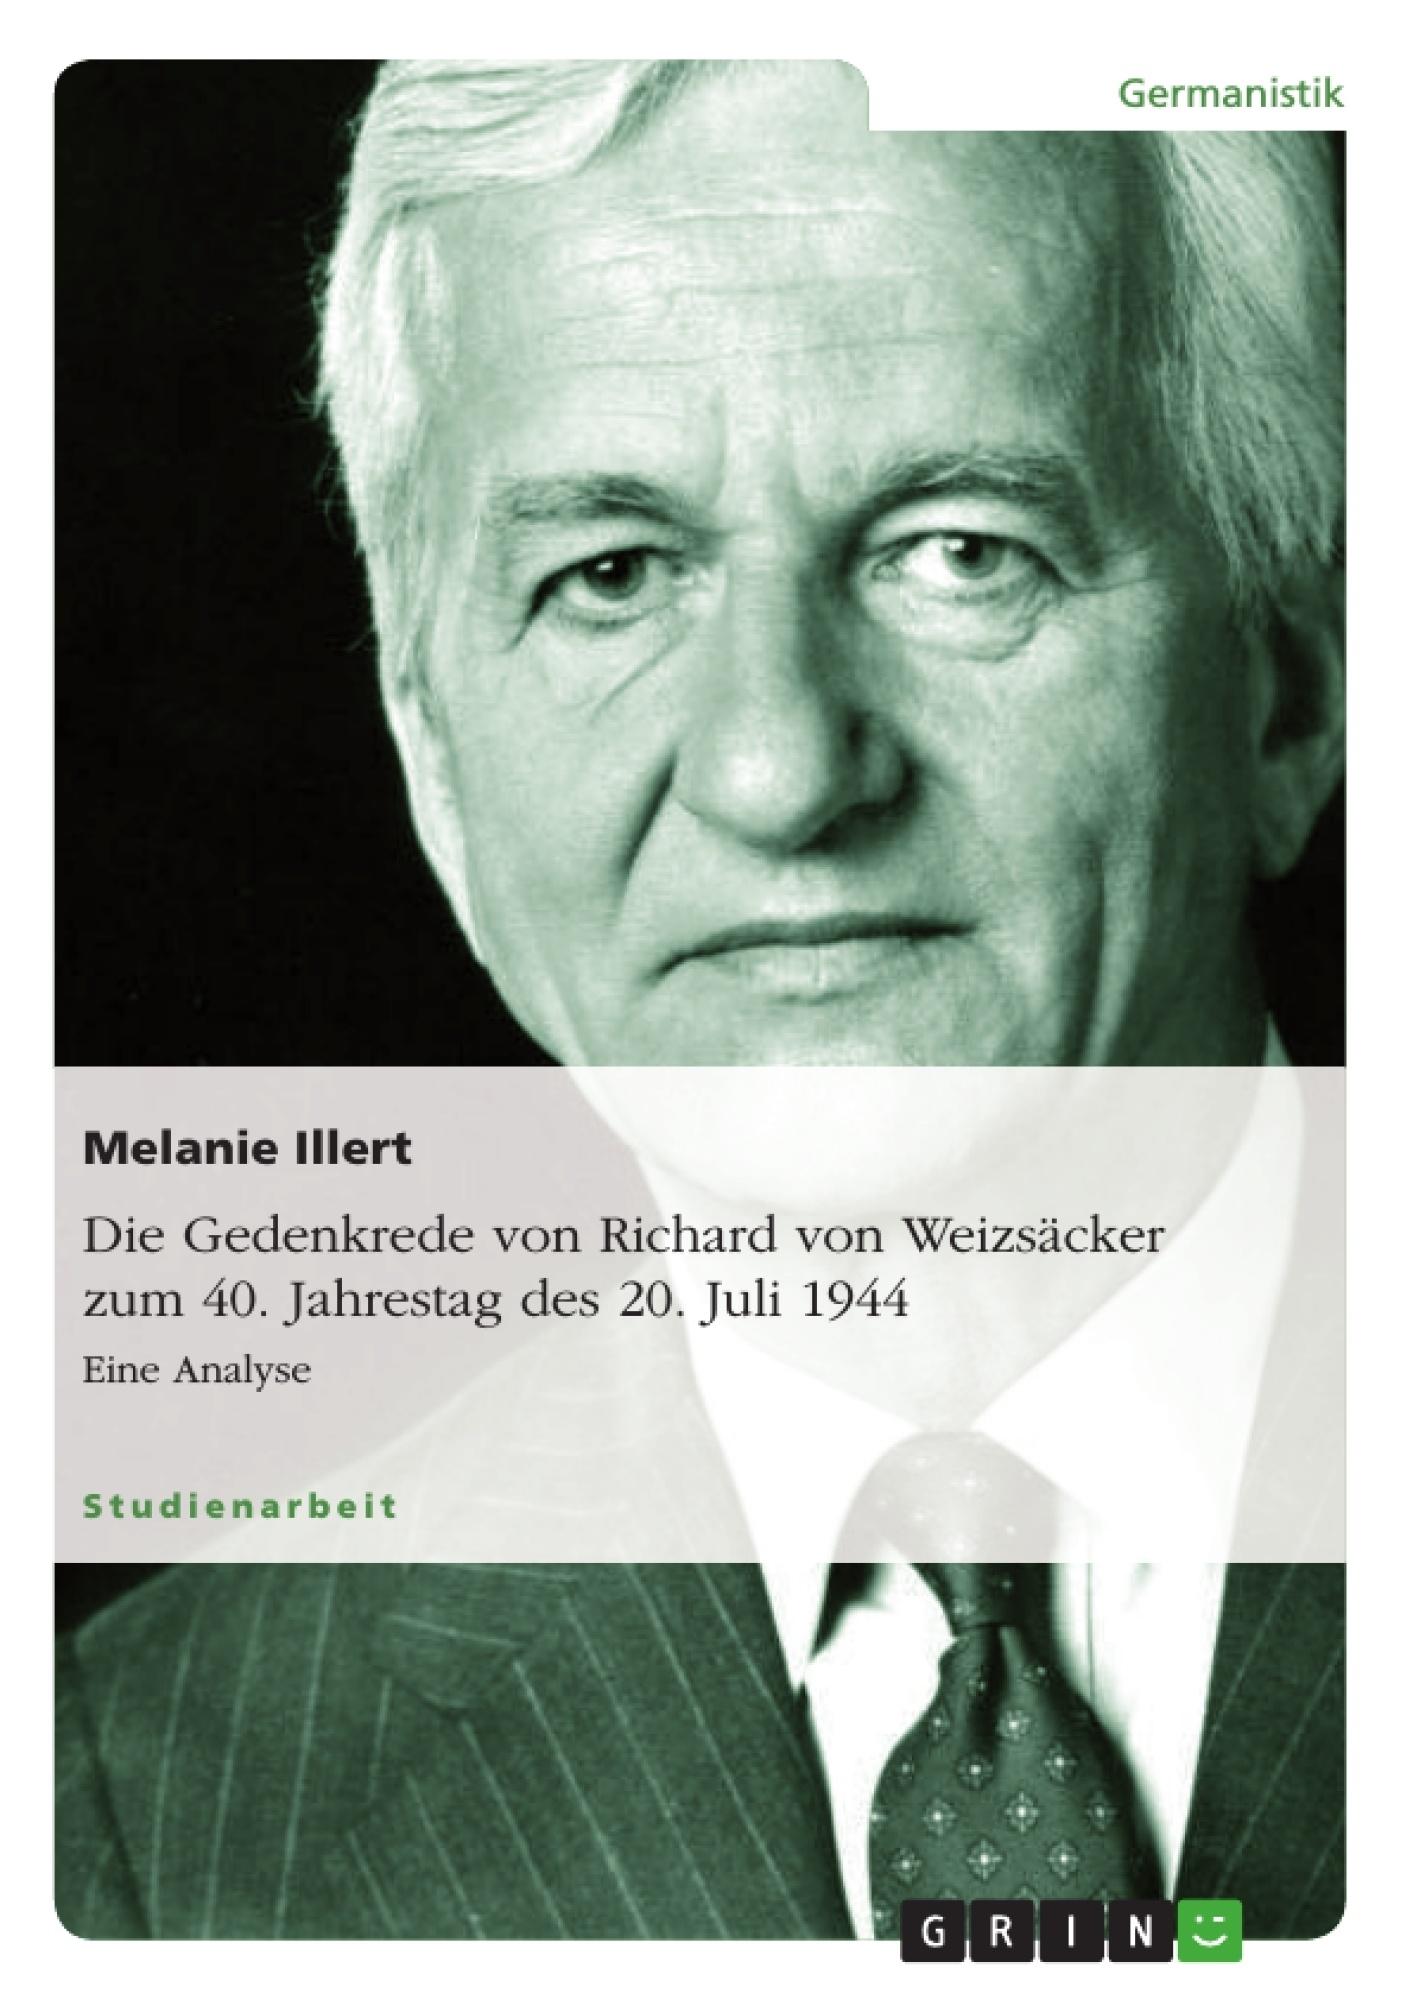 Titel: Die Gedenkrede von Richard von Weizsäcker zum  40. Jahrestag des 20. Juli 1944